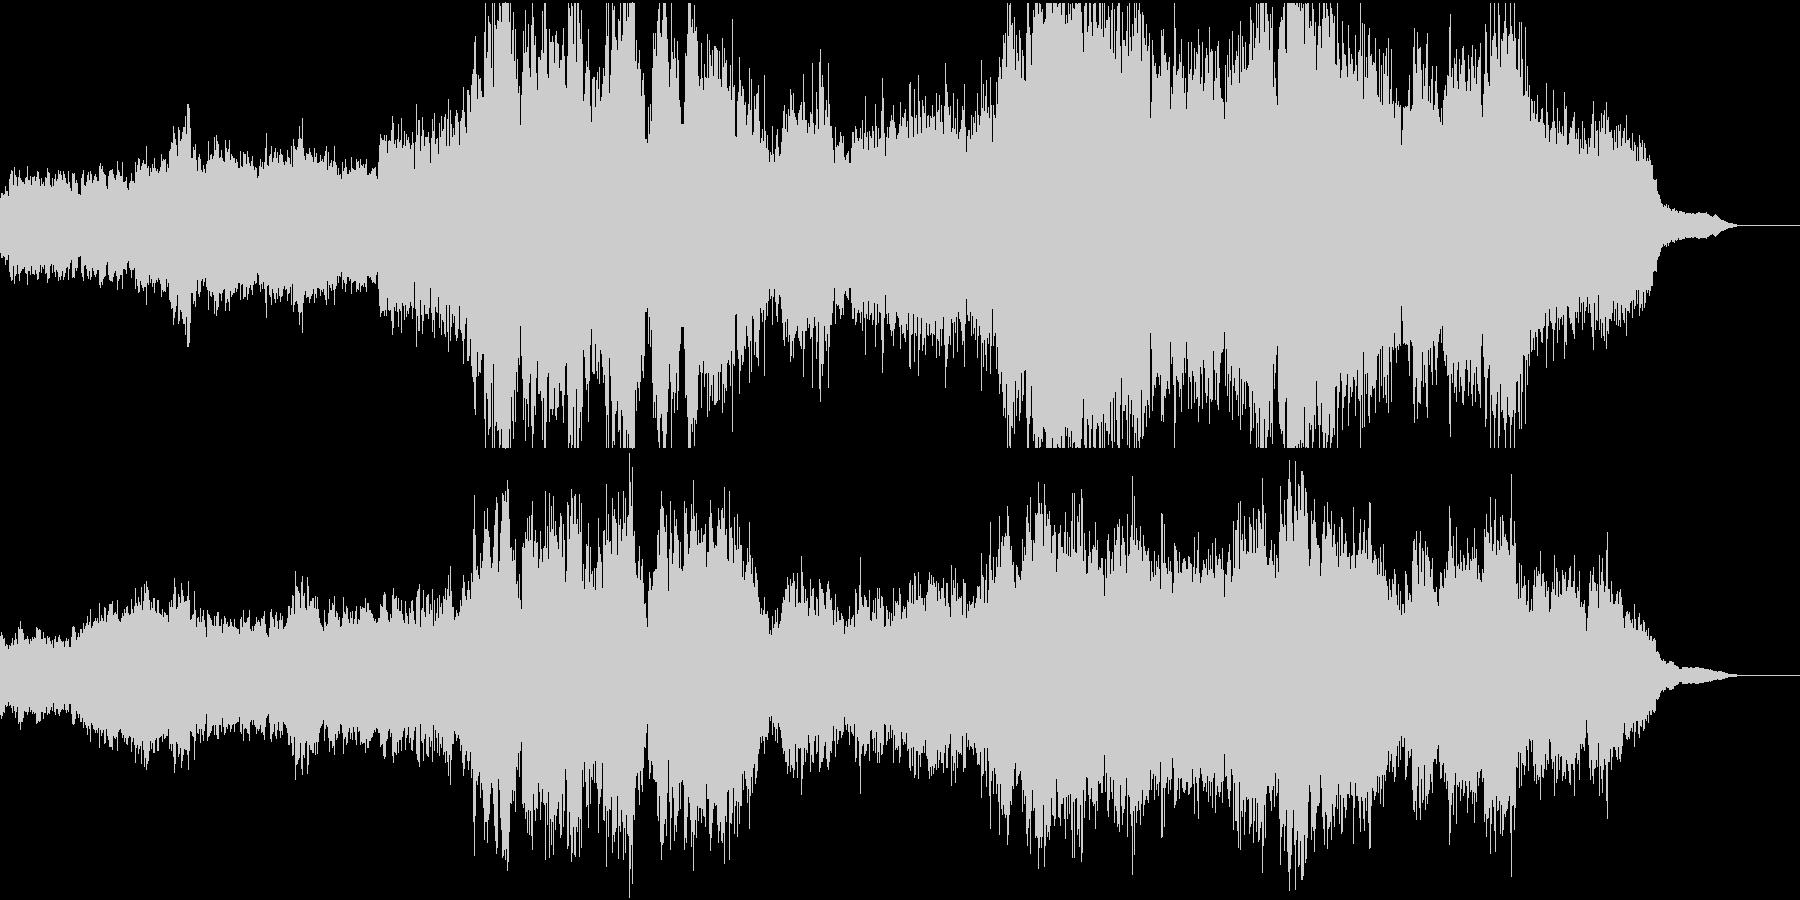 壮大なオーケストラ曲の未再生の波形